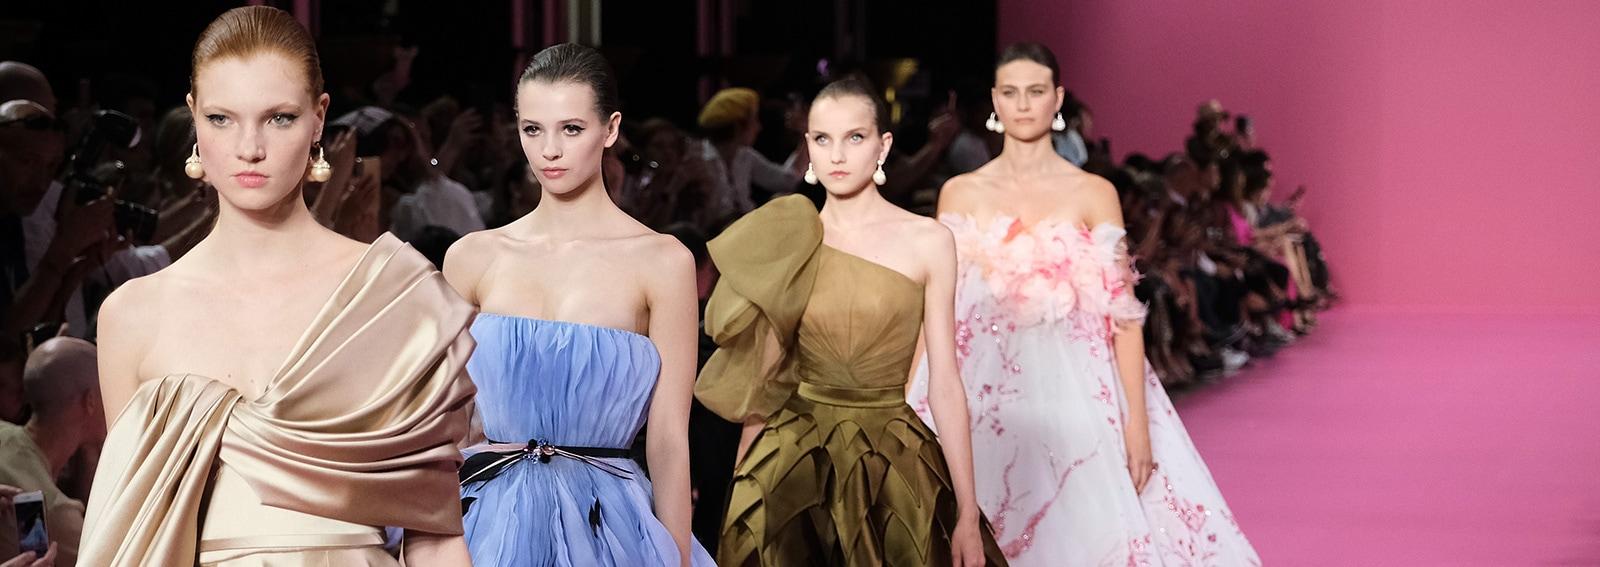 COVER-abiti-sposa-haute-couture-DESKTOP